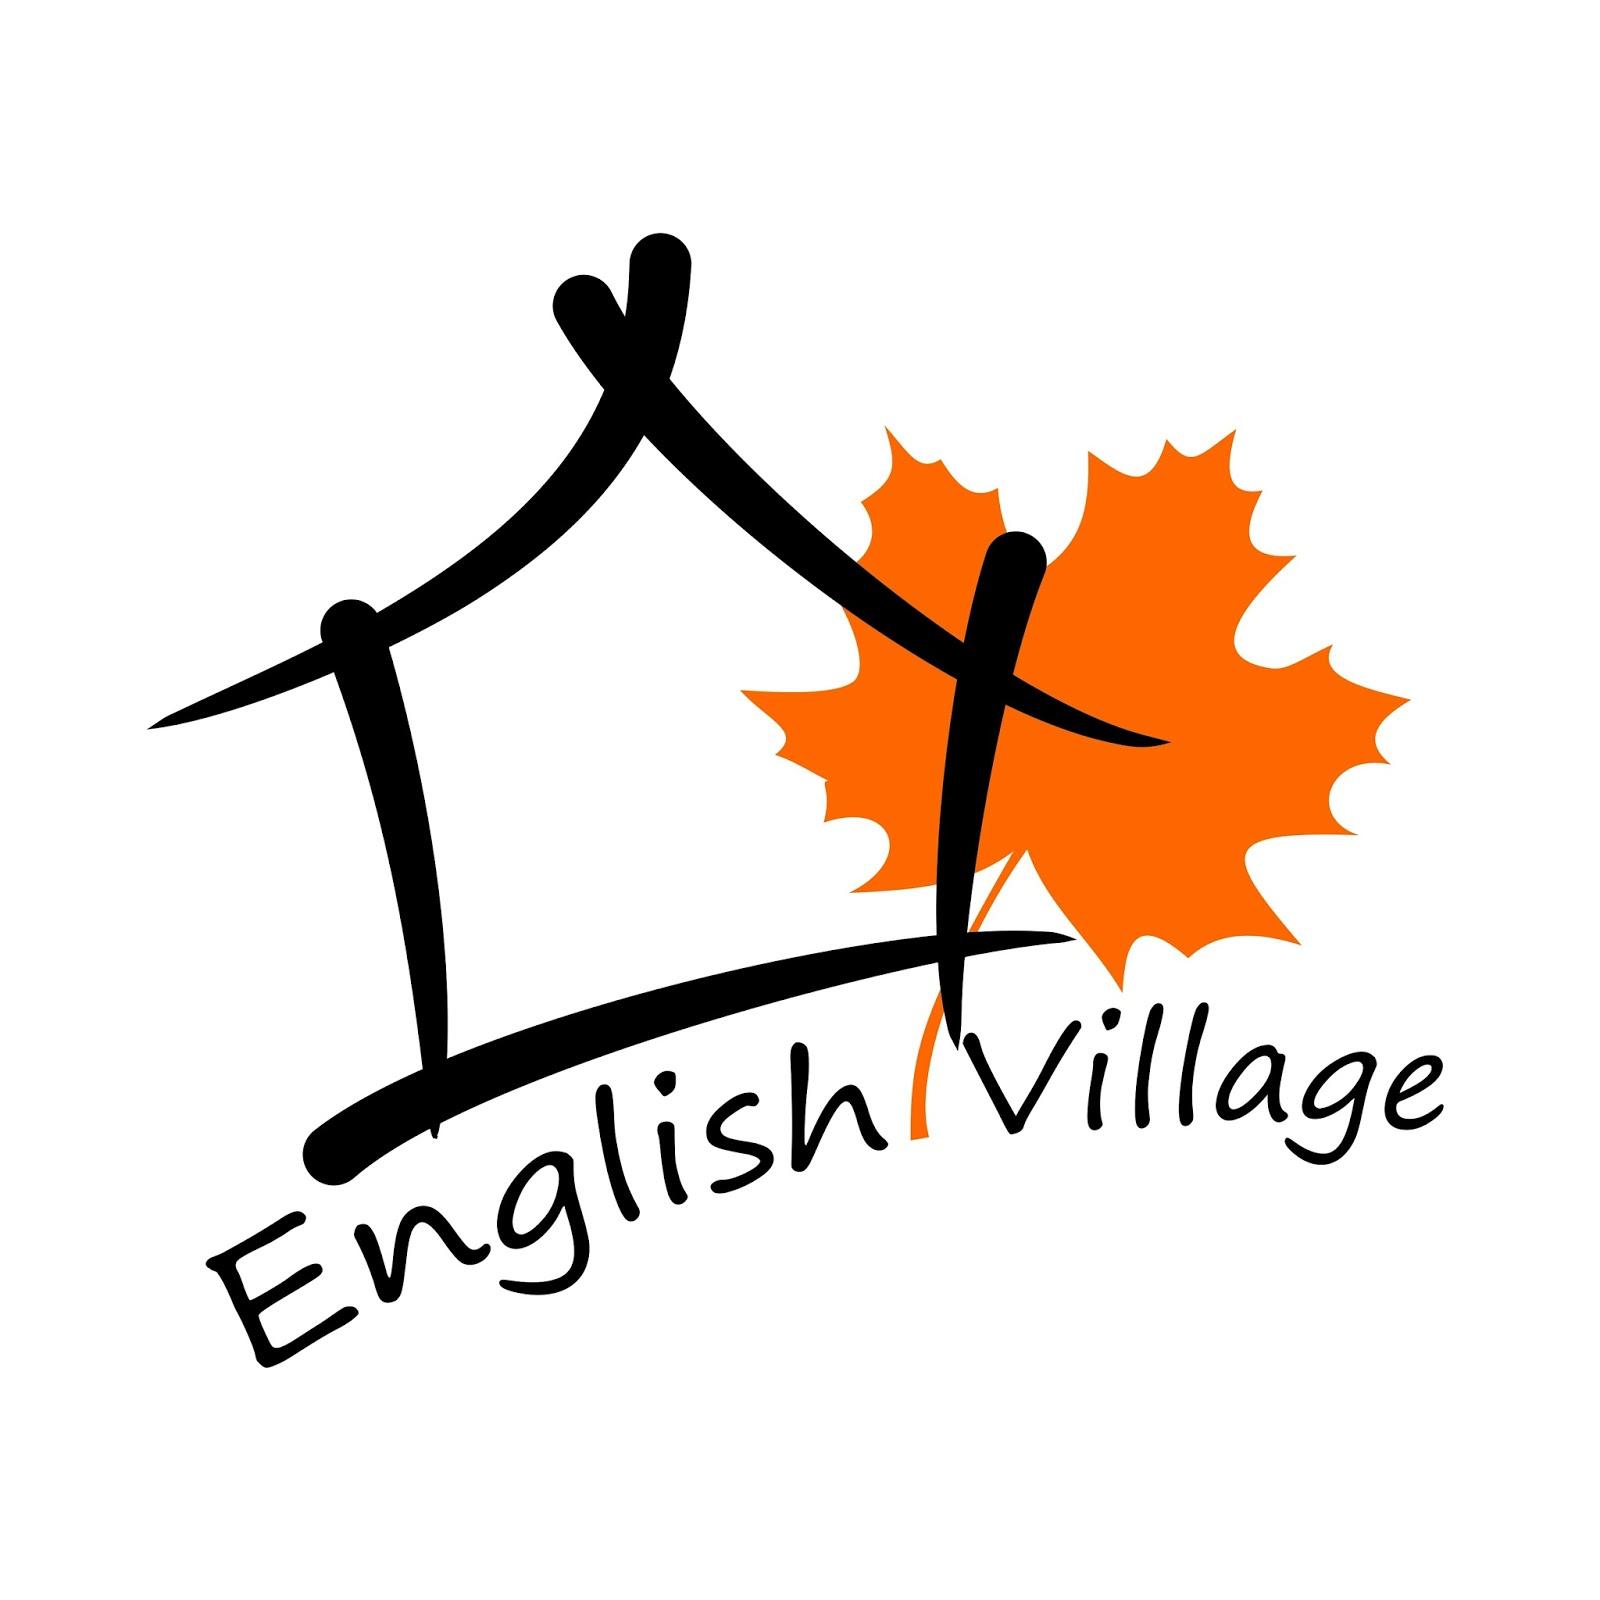 Lowongan Kerja English Village